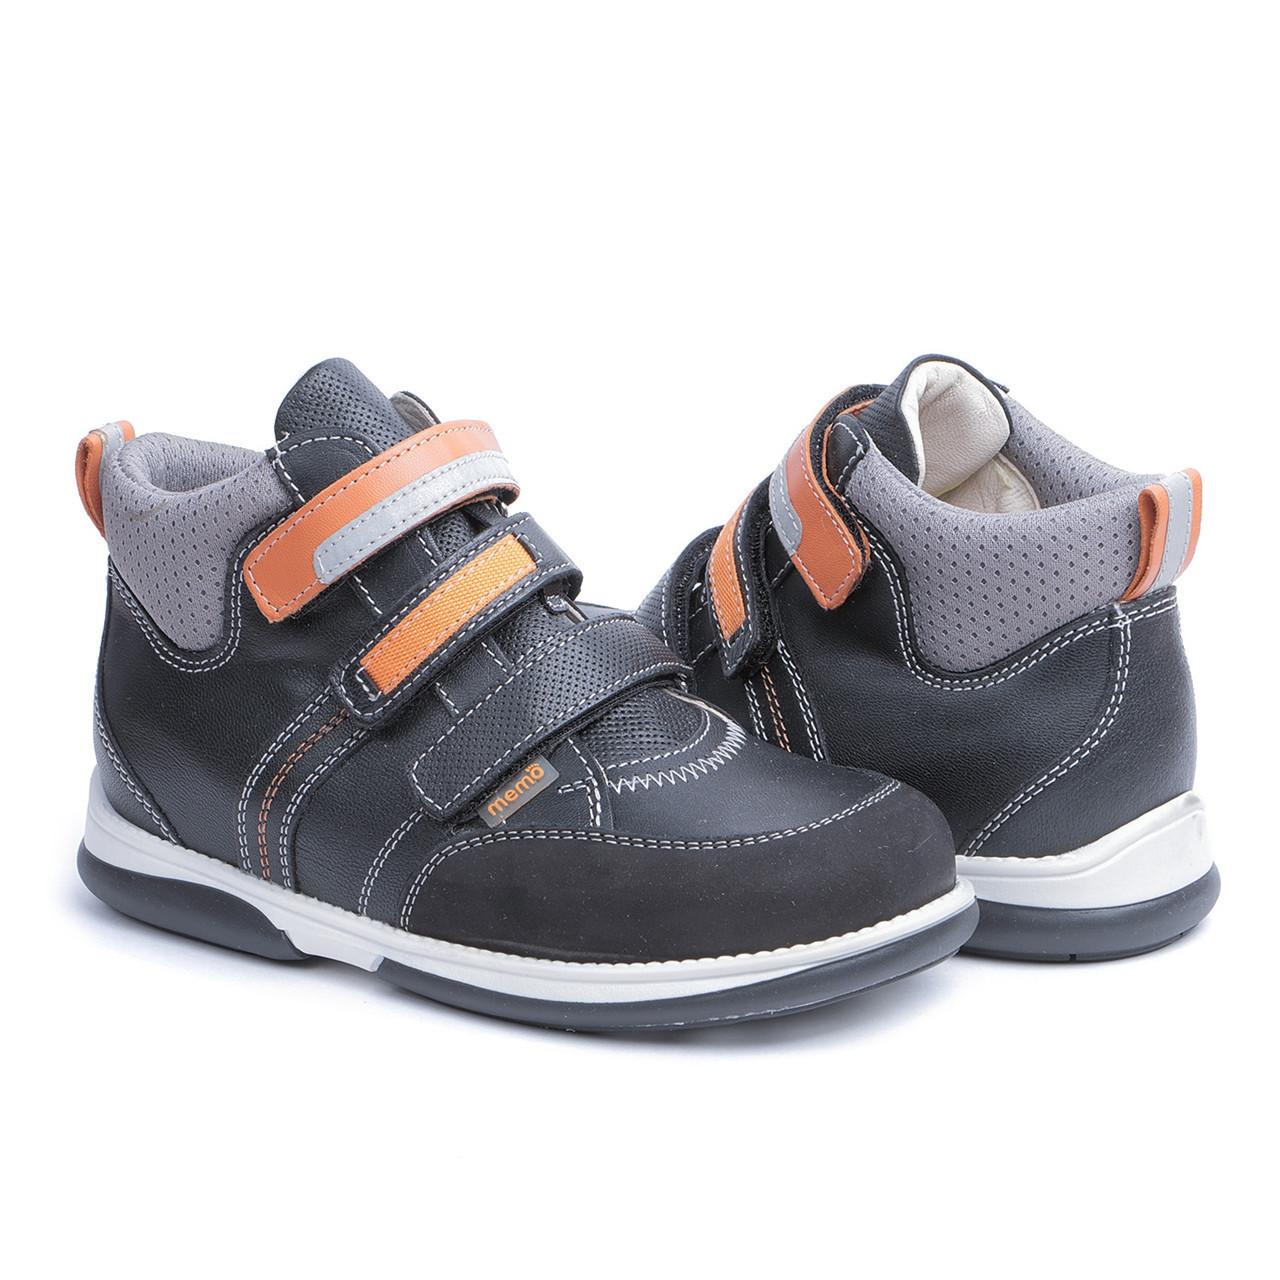 Memo Polo Чорно-помаранчеві - Дитячі ортопедичні кросівки 30